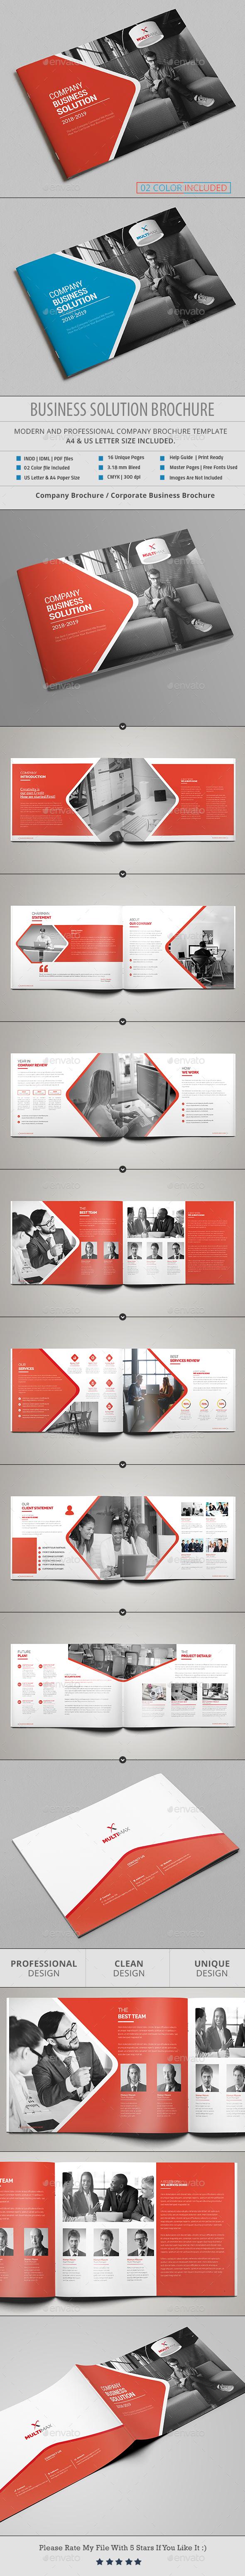 Landscape Brochure Template - Corporate Brochures